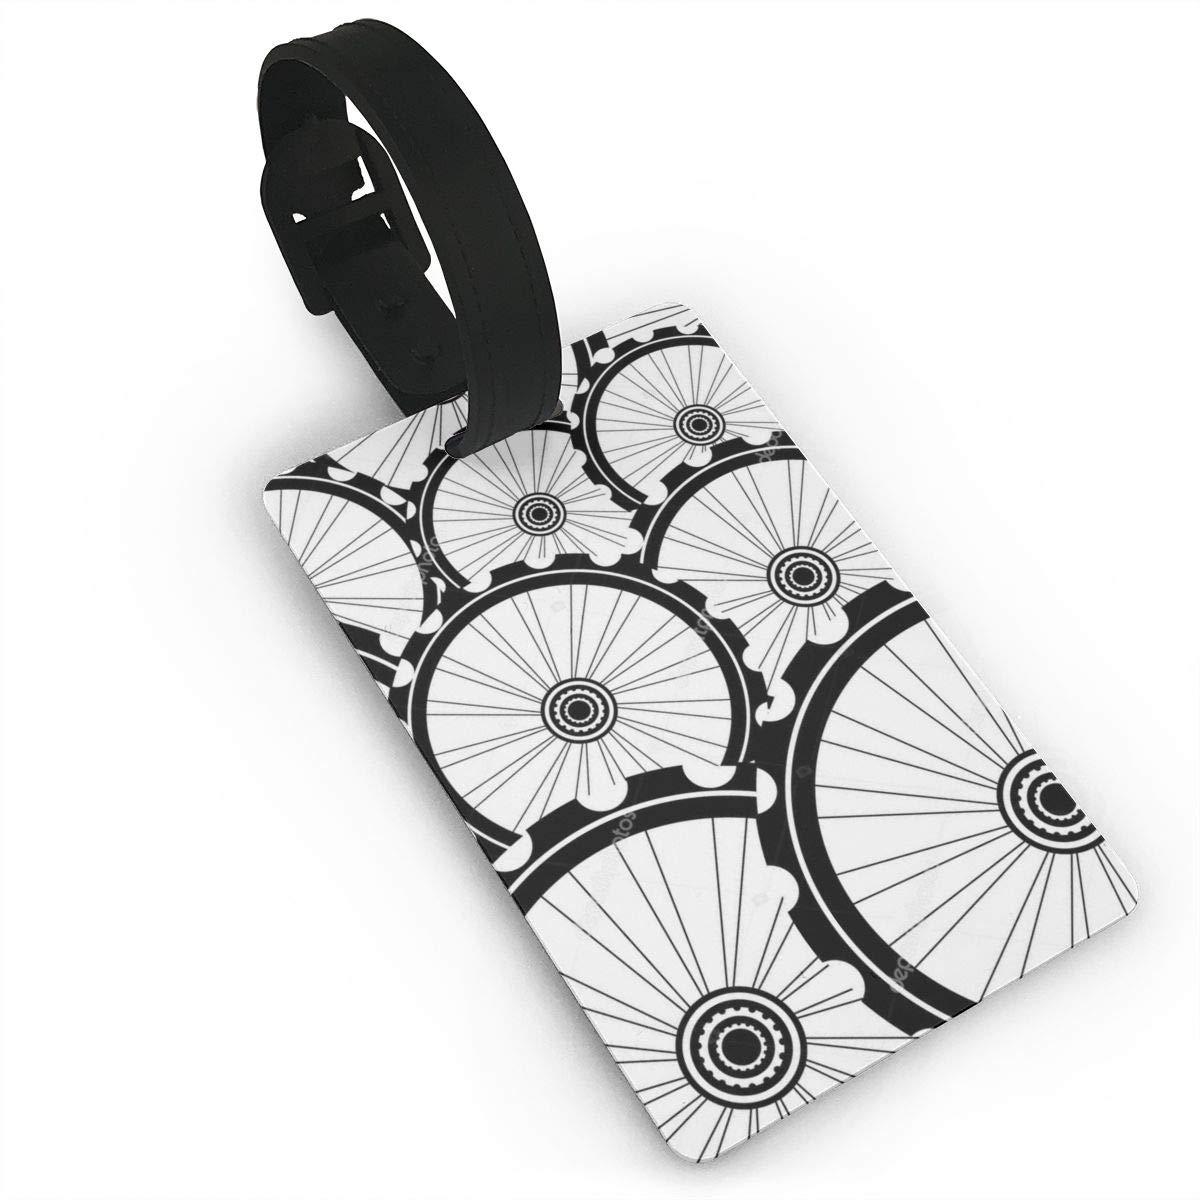 Depositphotos Photo Bicyclette Roue V/élo Roues Etiquettes de Bagages Sangle Voyage Valise Sac Etiquette didentification